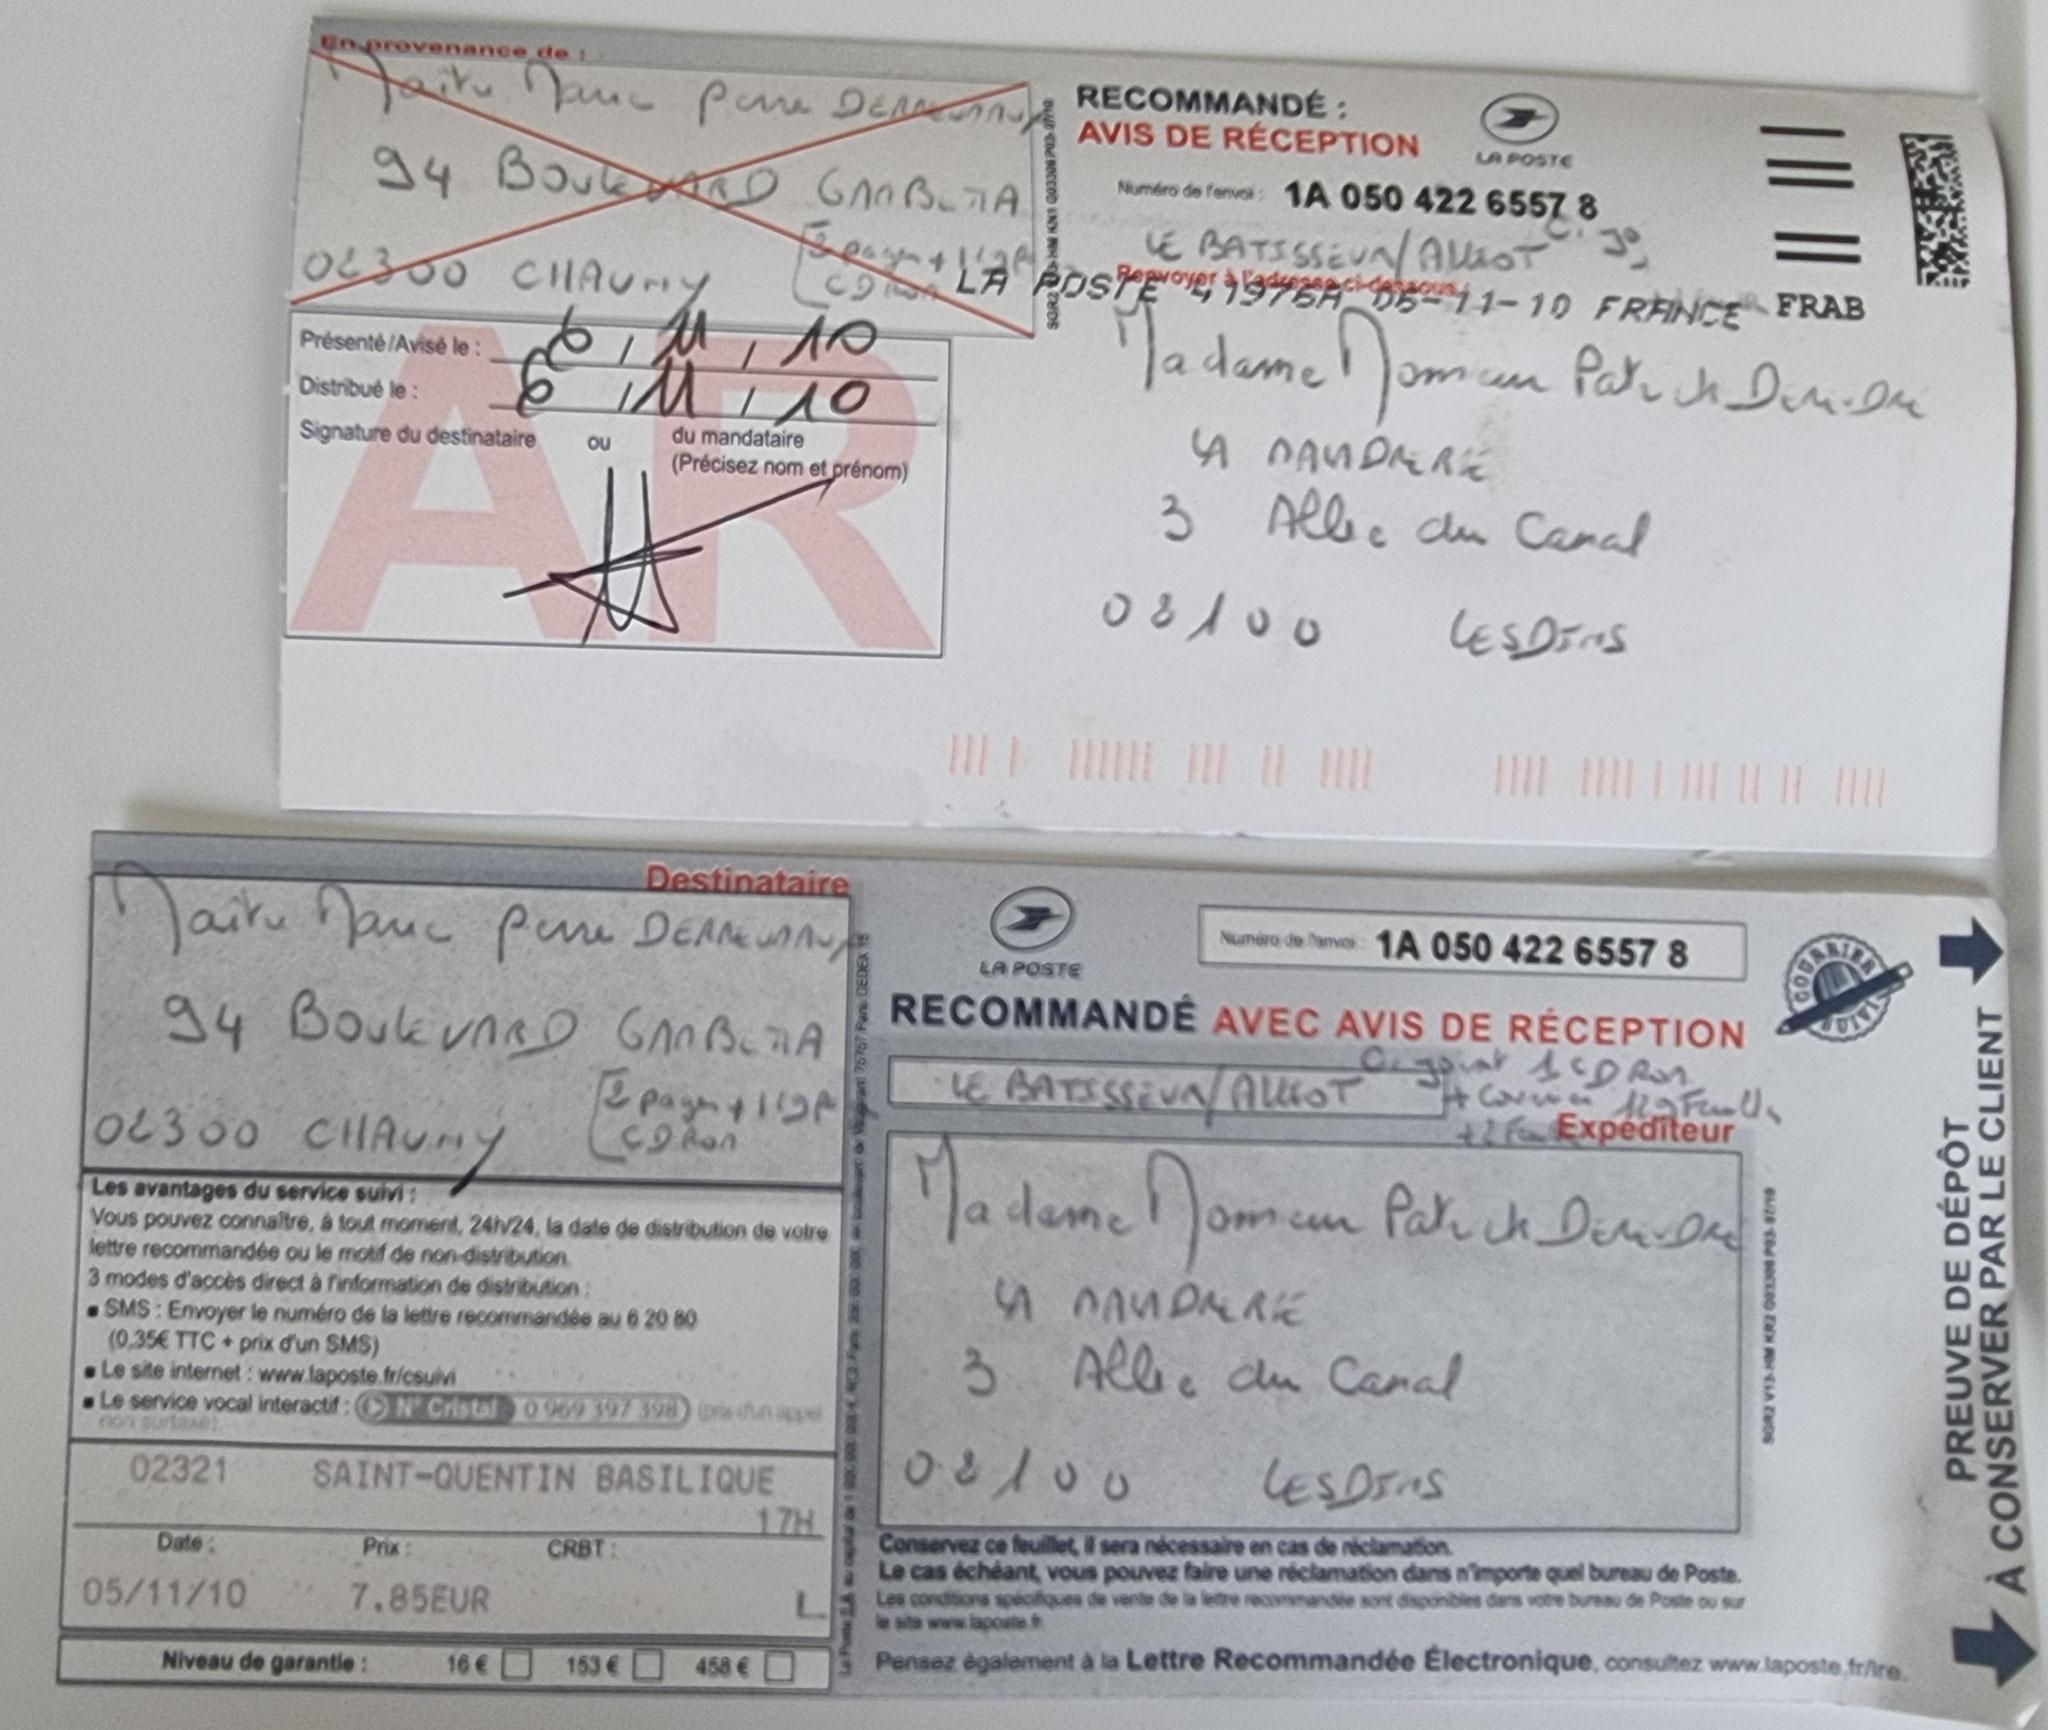 Le 05 novembre 2010 j'adresse une LRAR à Maître Marie-Pierre DEREUMAUX Avocate à Chauny.    TOUT L'ART de la Manipulation...    INACCEPTABLE  BORDERLINE   EXPERTISES JUDICIAIRES ENTRE COPAINS...  www.jenesuispasunchien.fr www.jesuispatrick.fr